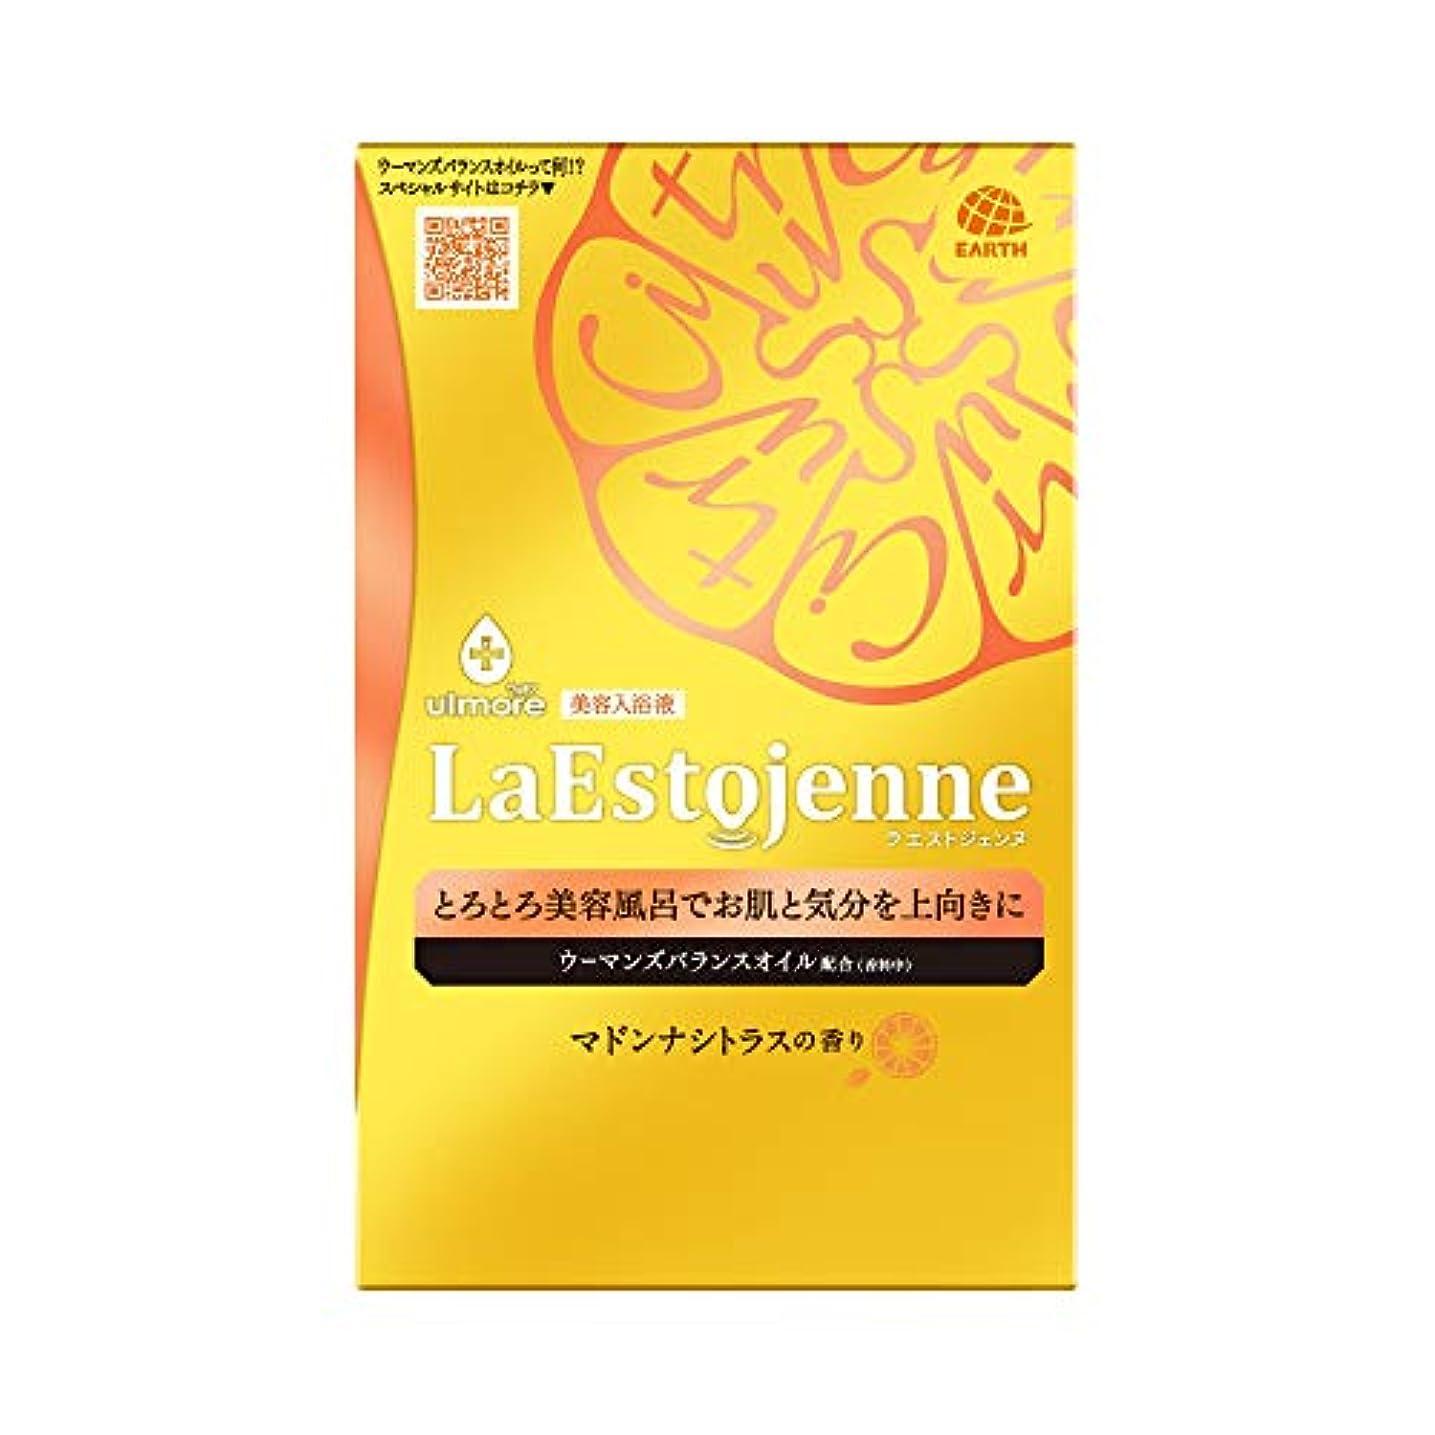 喜んで置き場急いでウルモア ラエストジェンヌ 入浴剤 マドンナシトラスの香り [160ml x 3包入り]